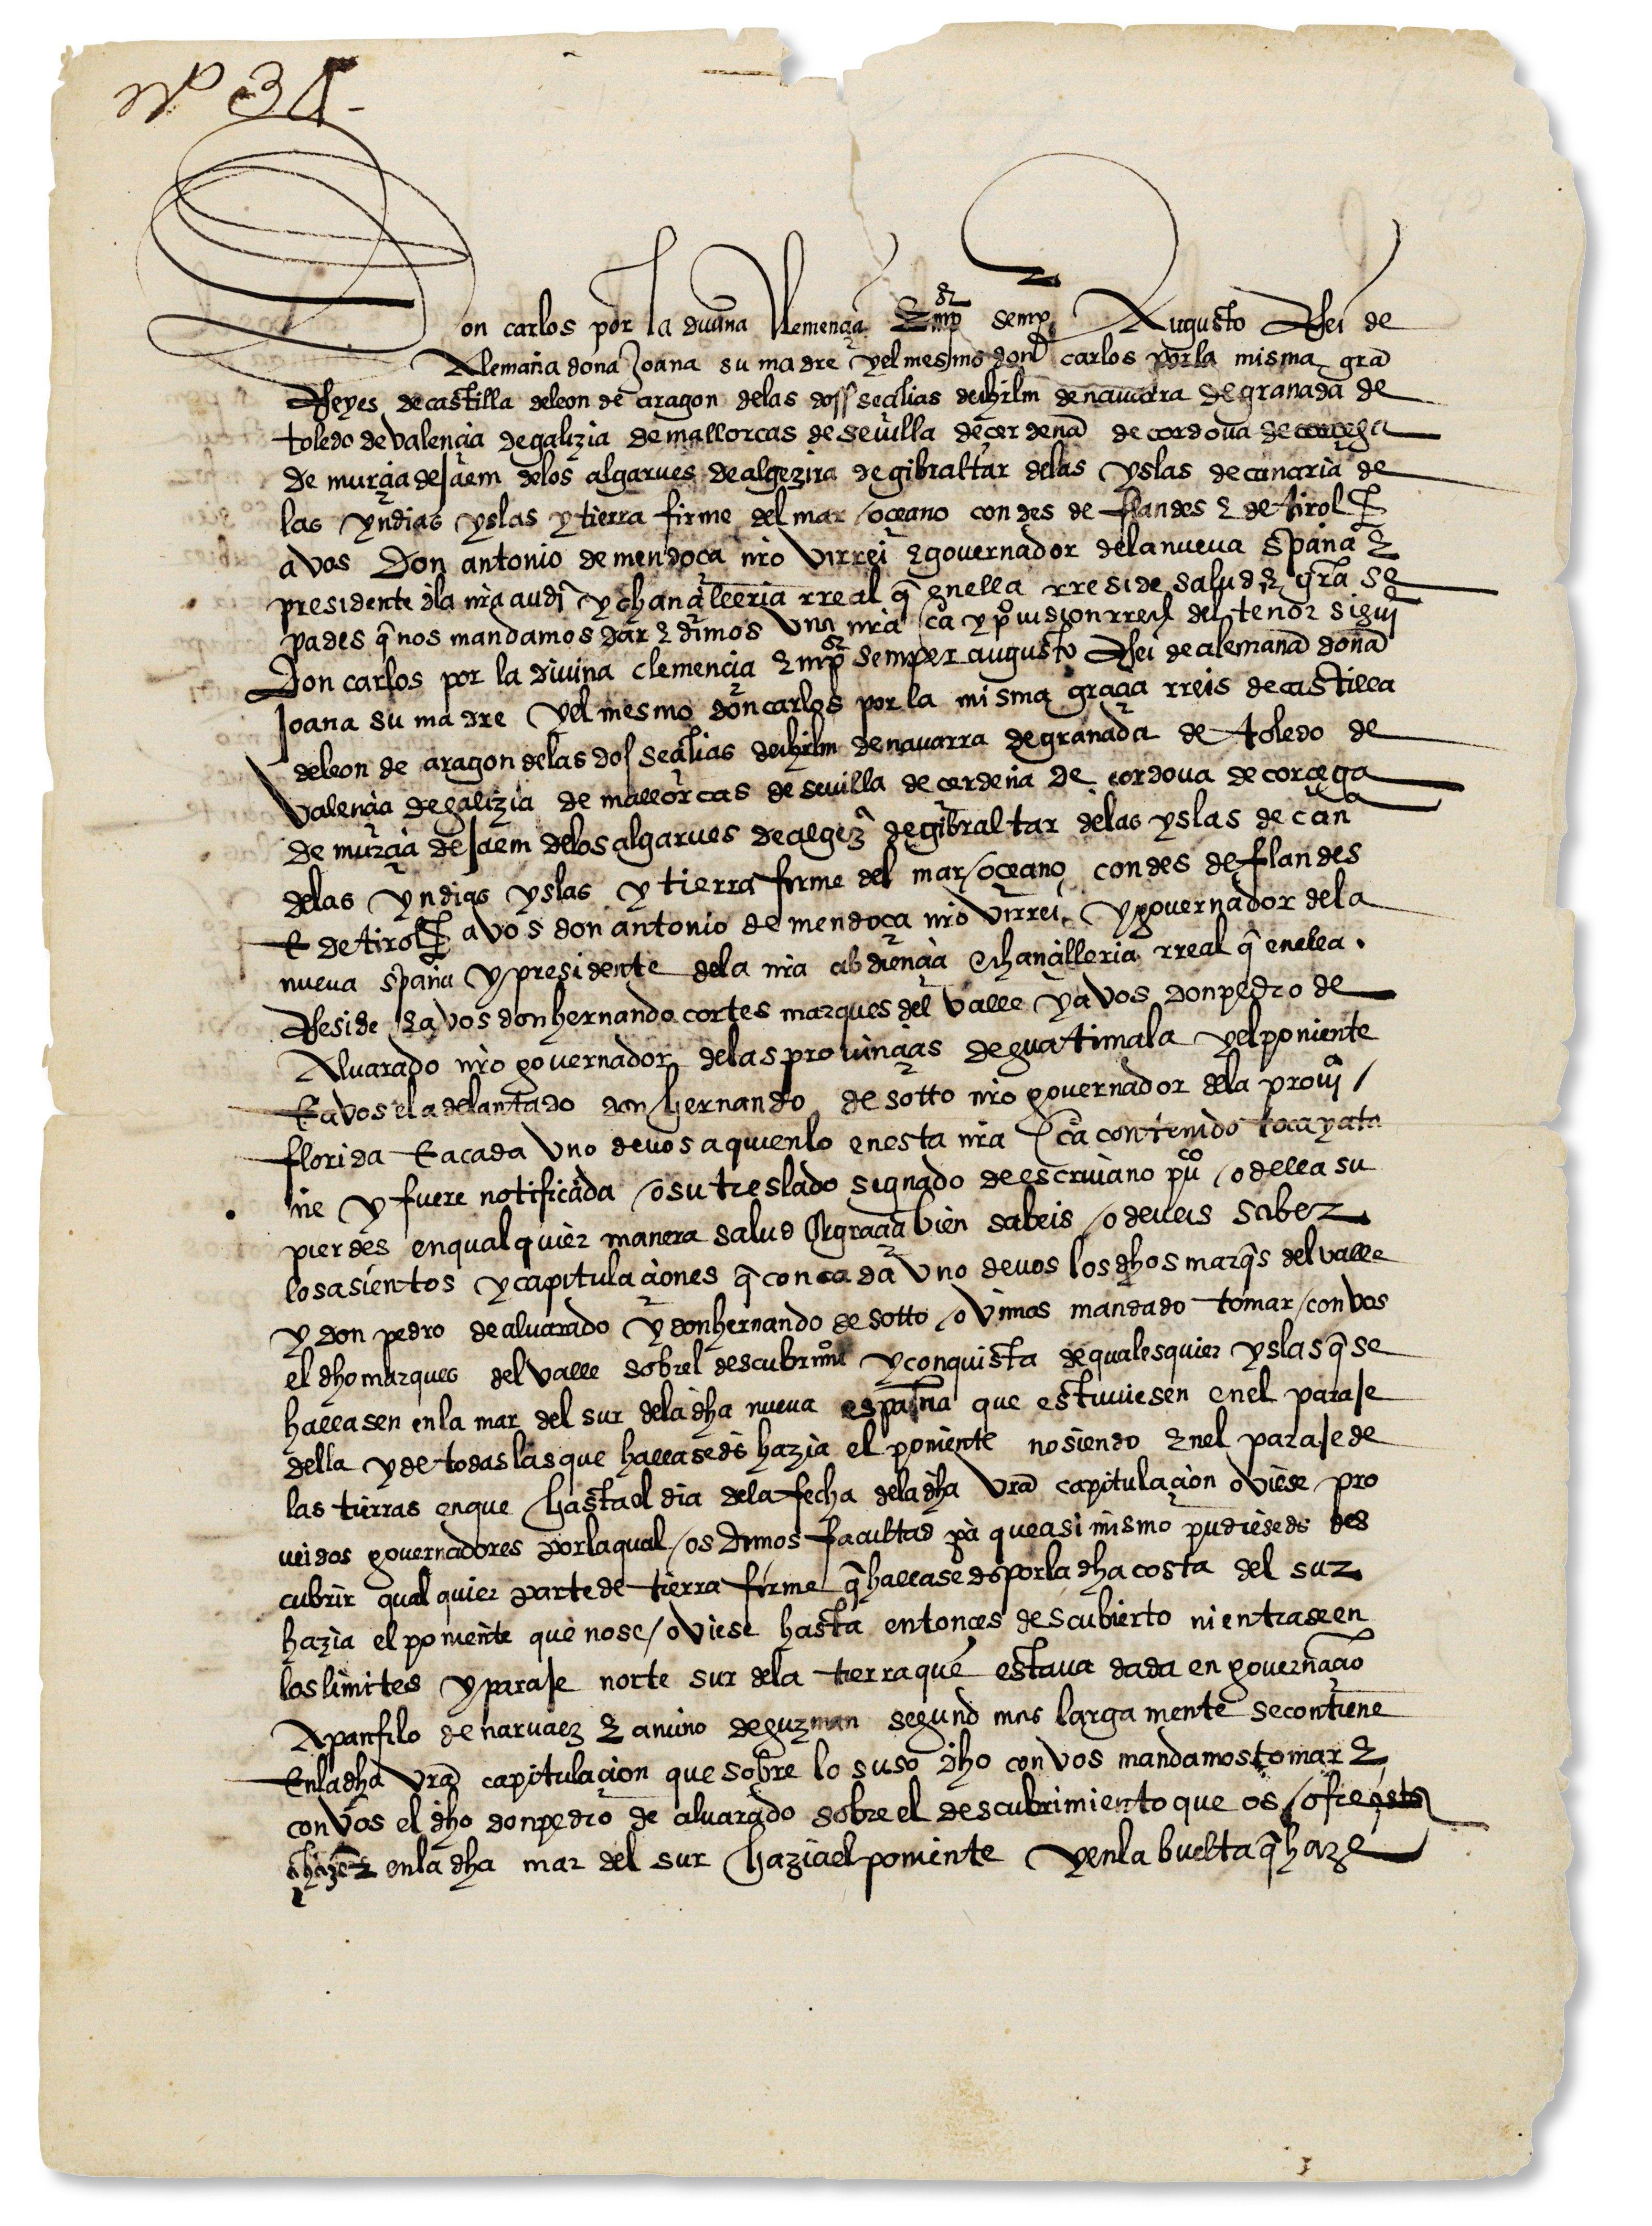 CHARLES V Manuscript letter signed on behalf of KING